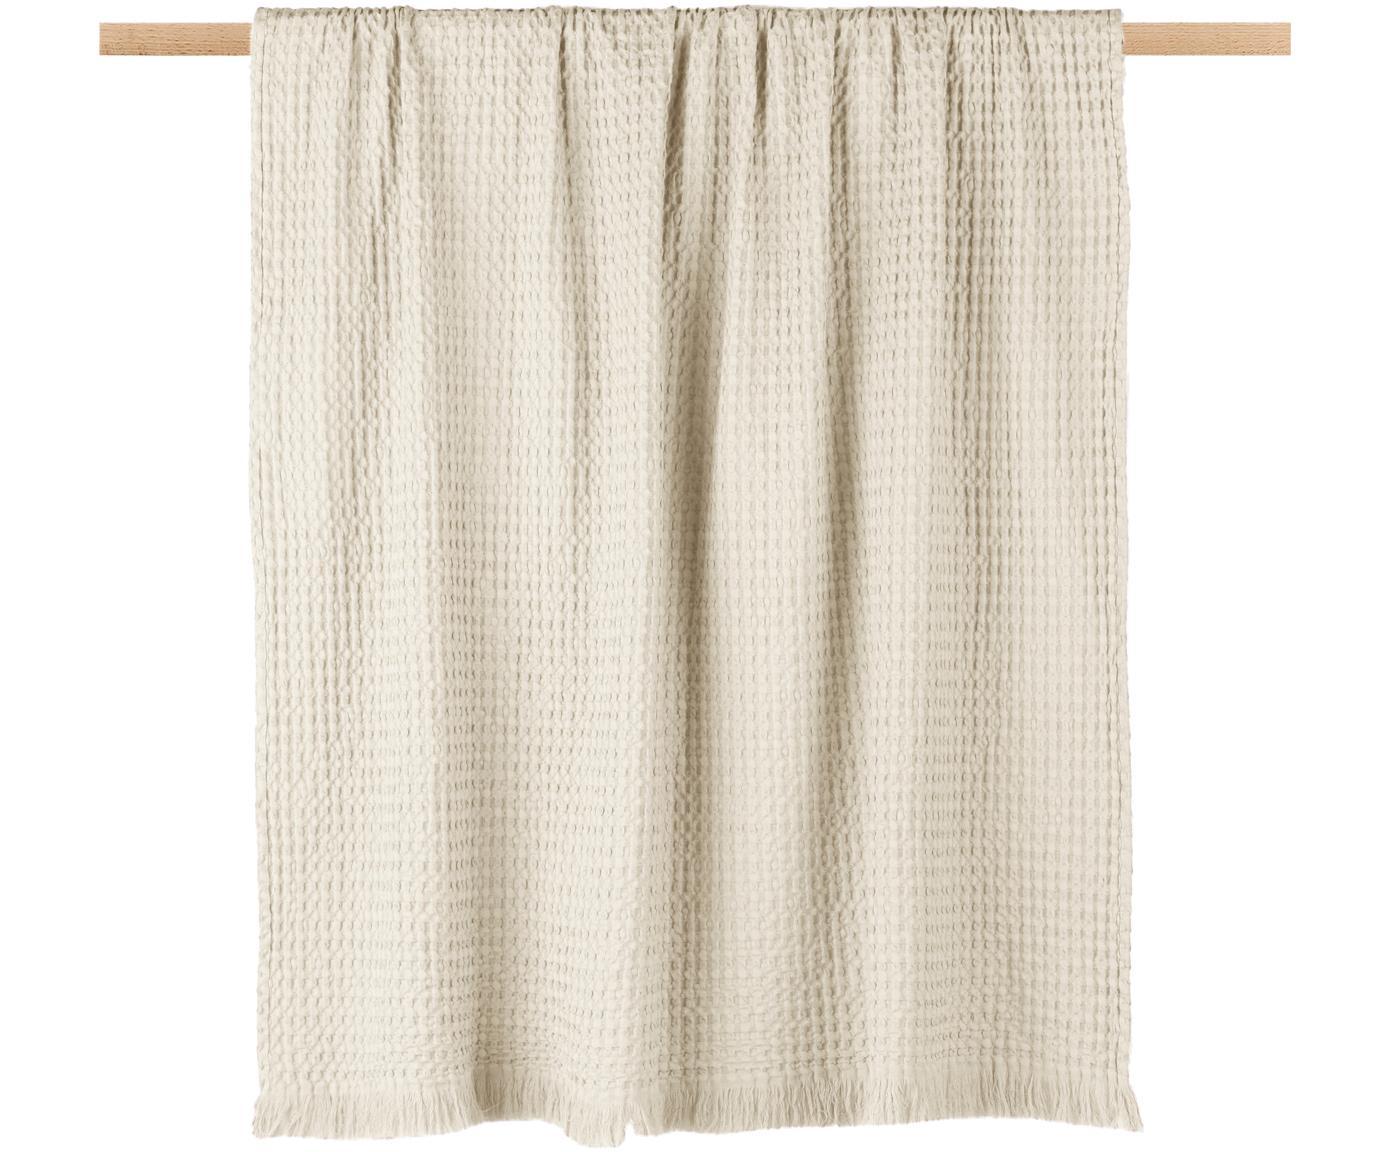 Baumwoll-Plaid Tempy mit strukturierter Oberfläche, 100% Baumwolle, Hellbeige, 130 x 200 cm